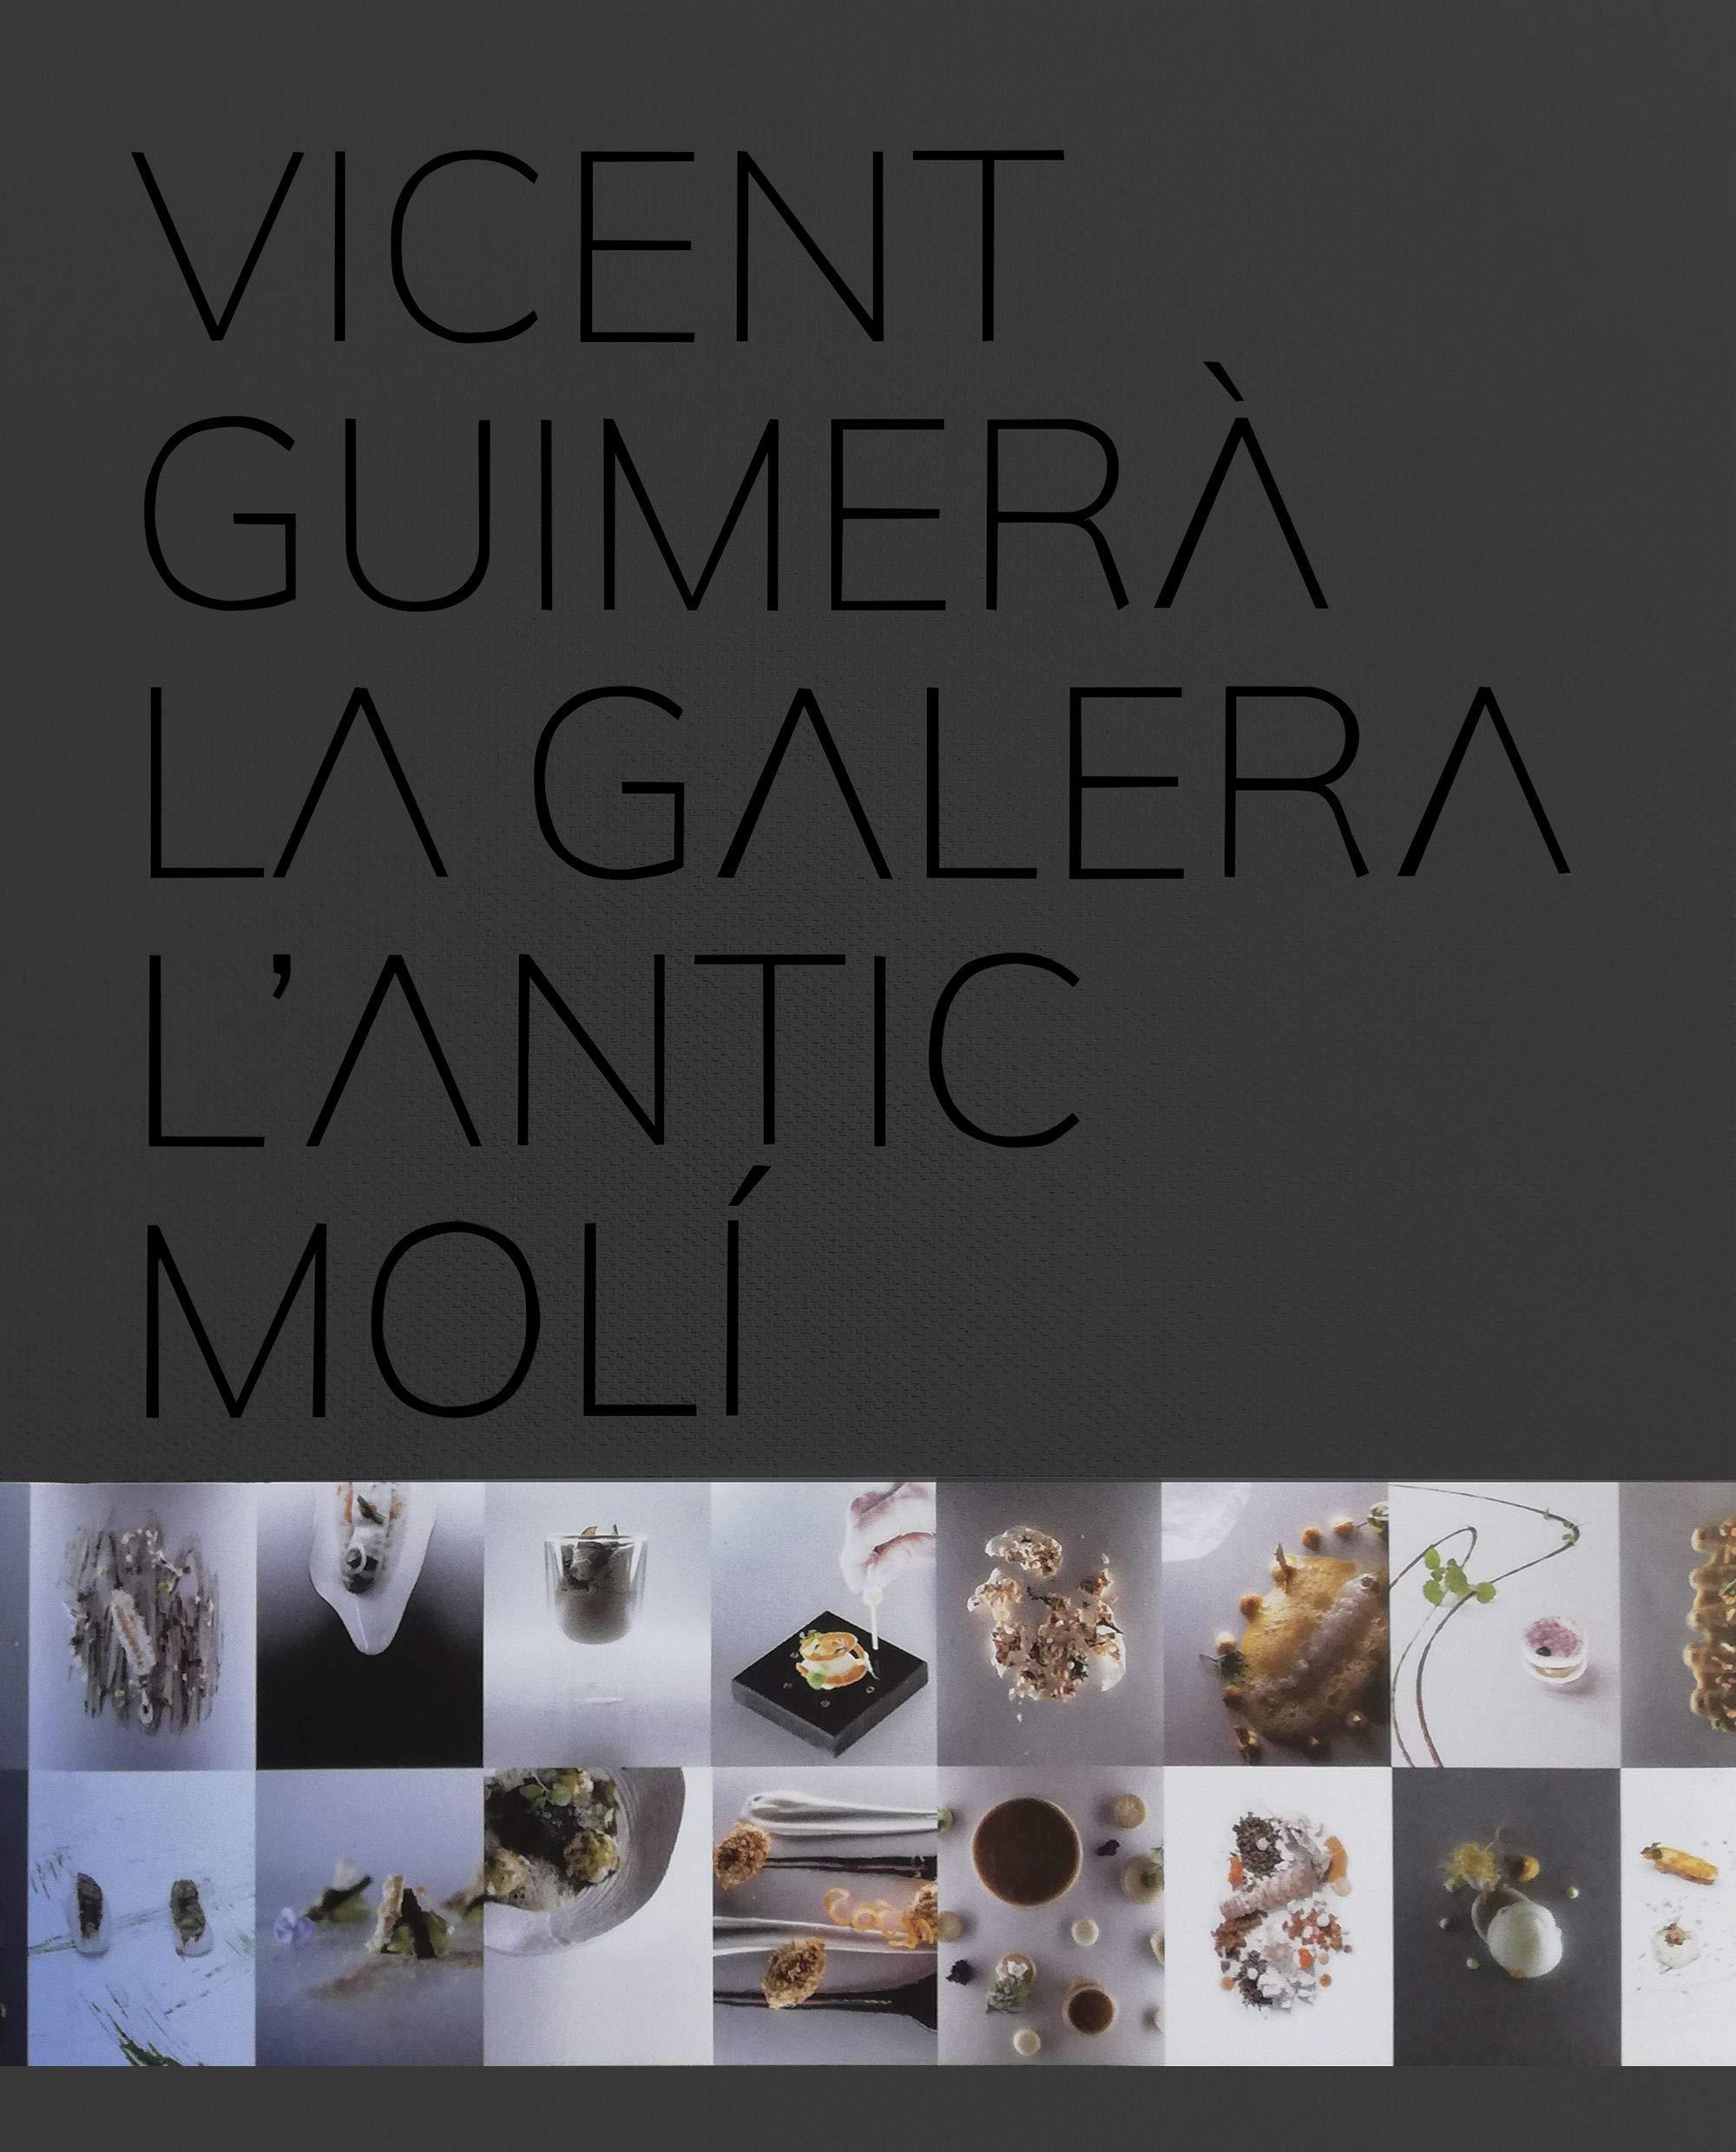 Vicent Guimerà La Galera LAntic Molí: Alta cocina con galera ...